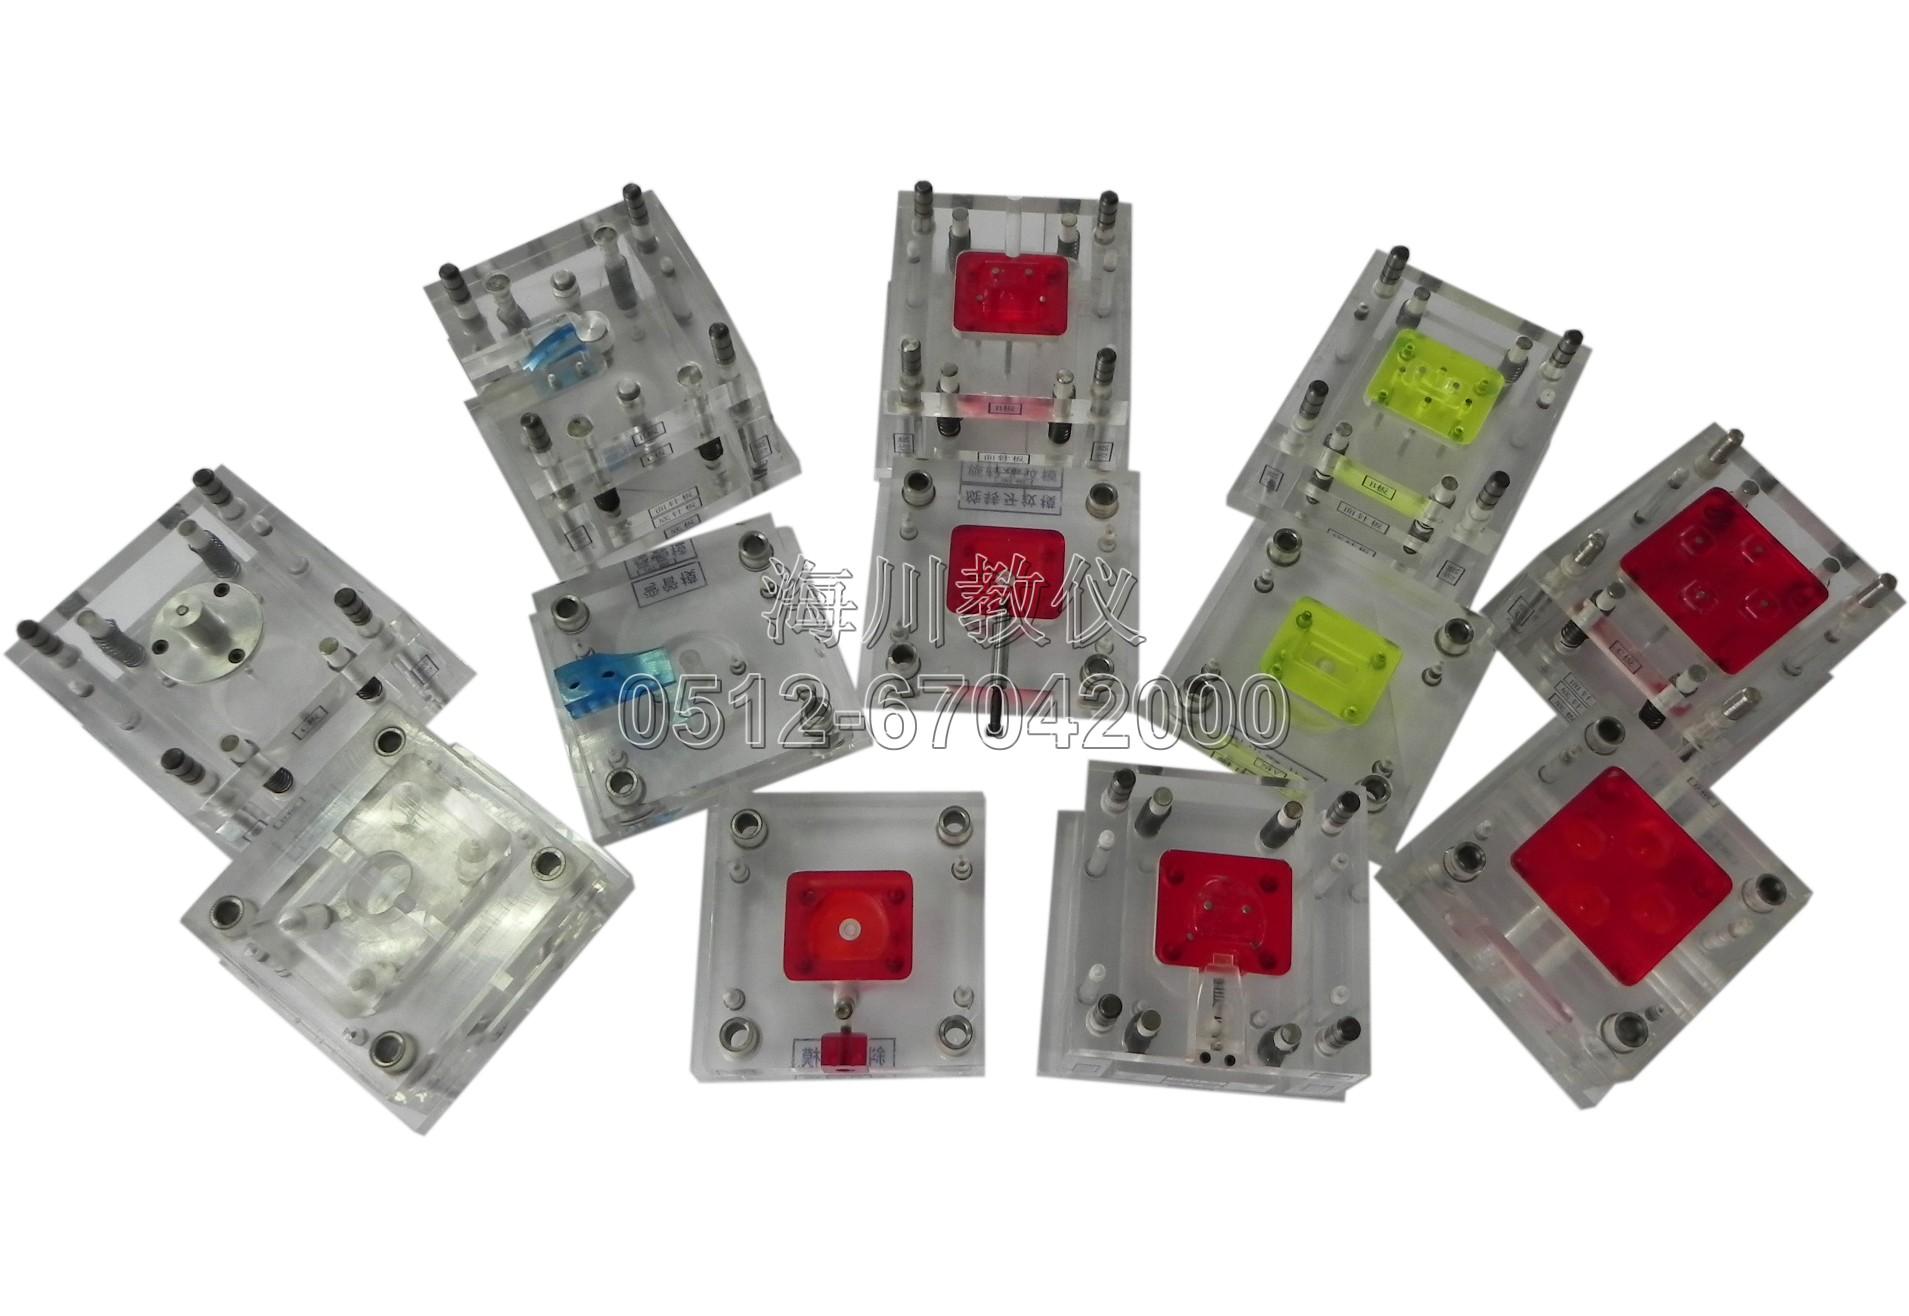 透明有机玻璃注塑模具产品图片